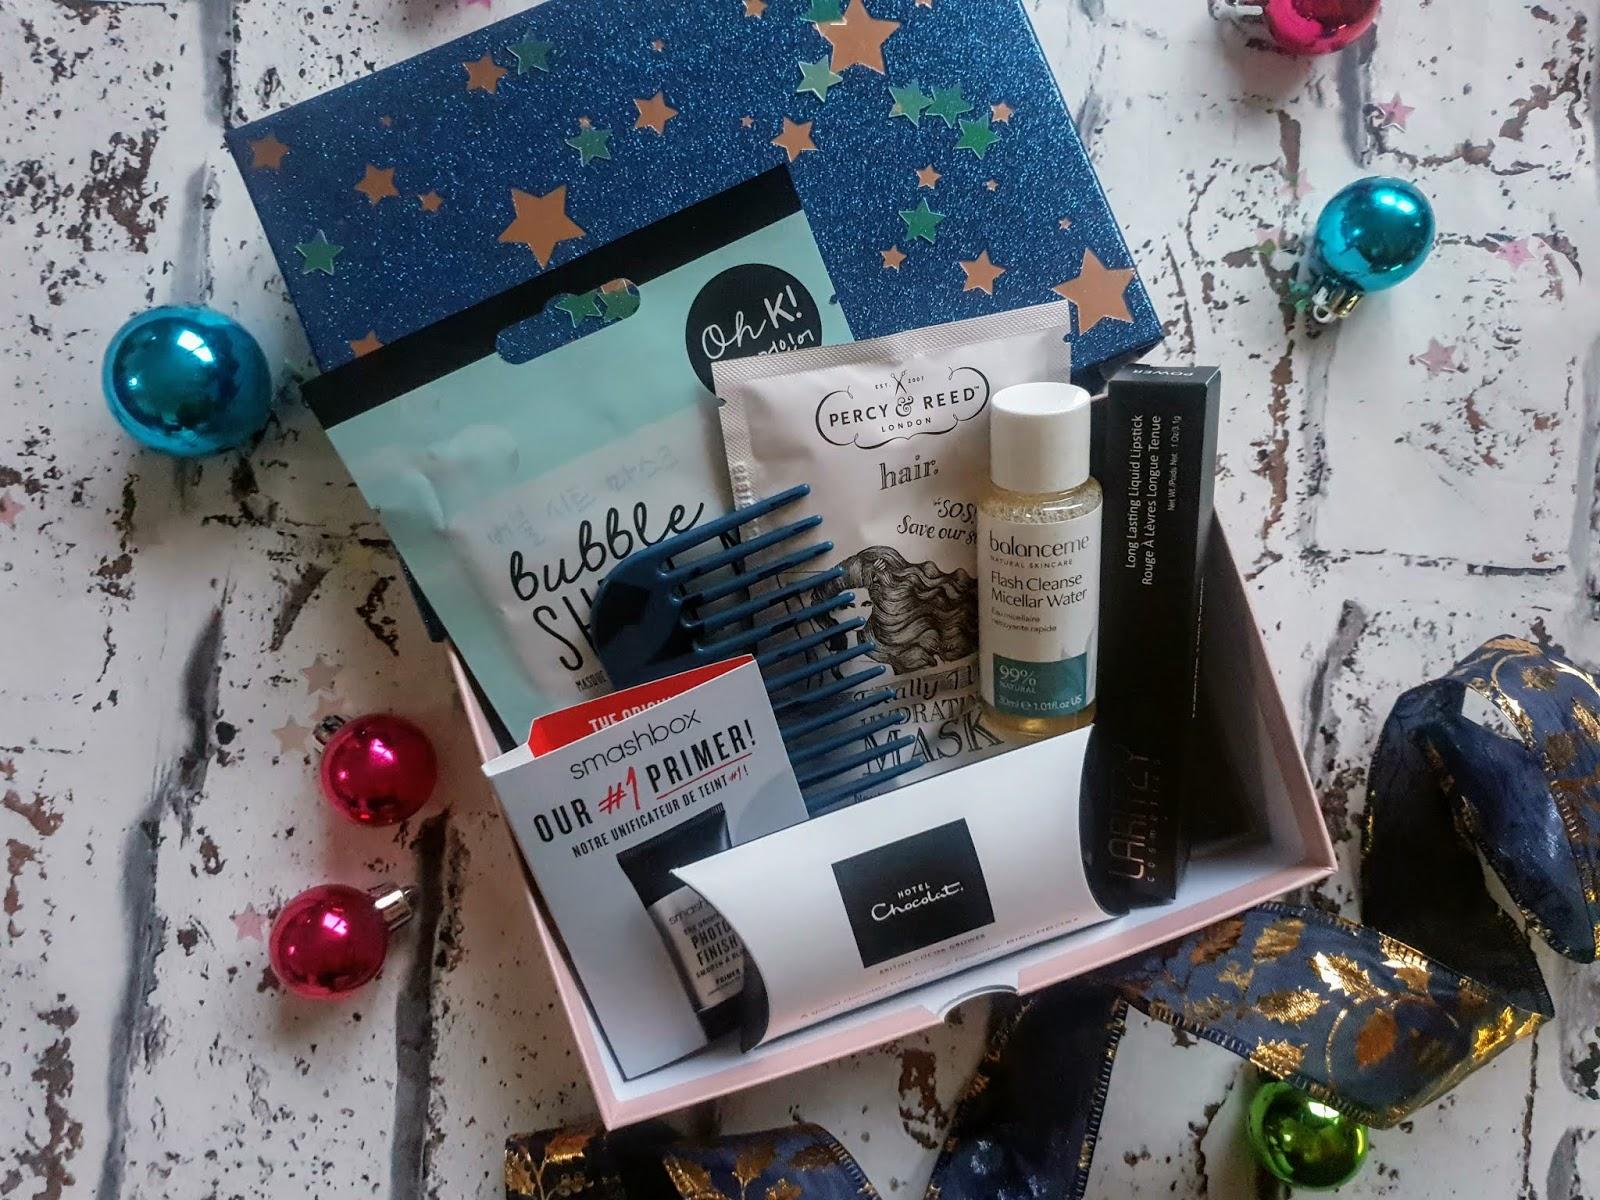 Birchbox December review